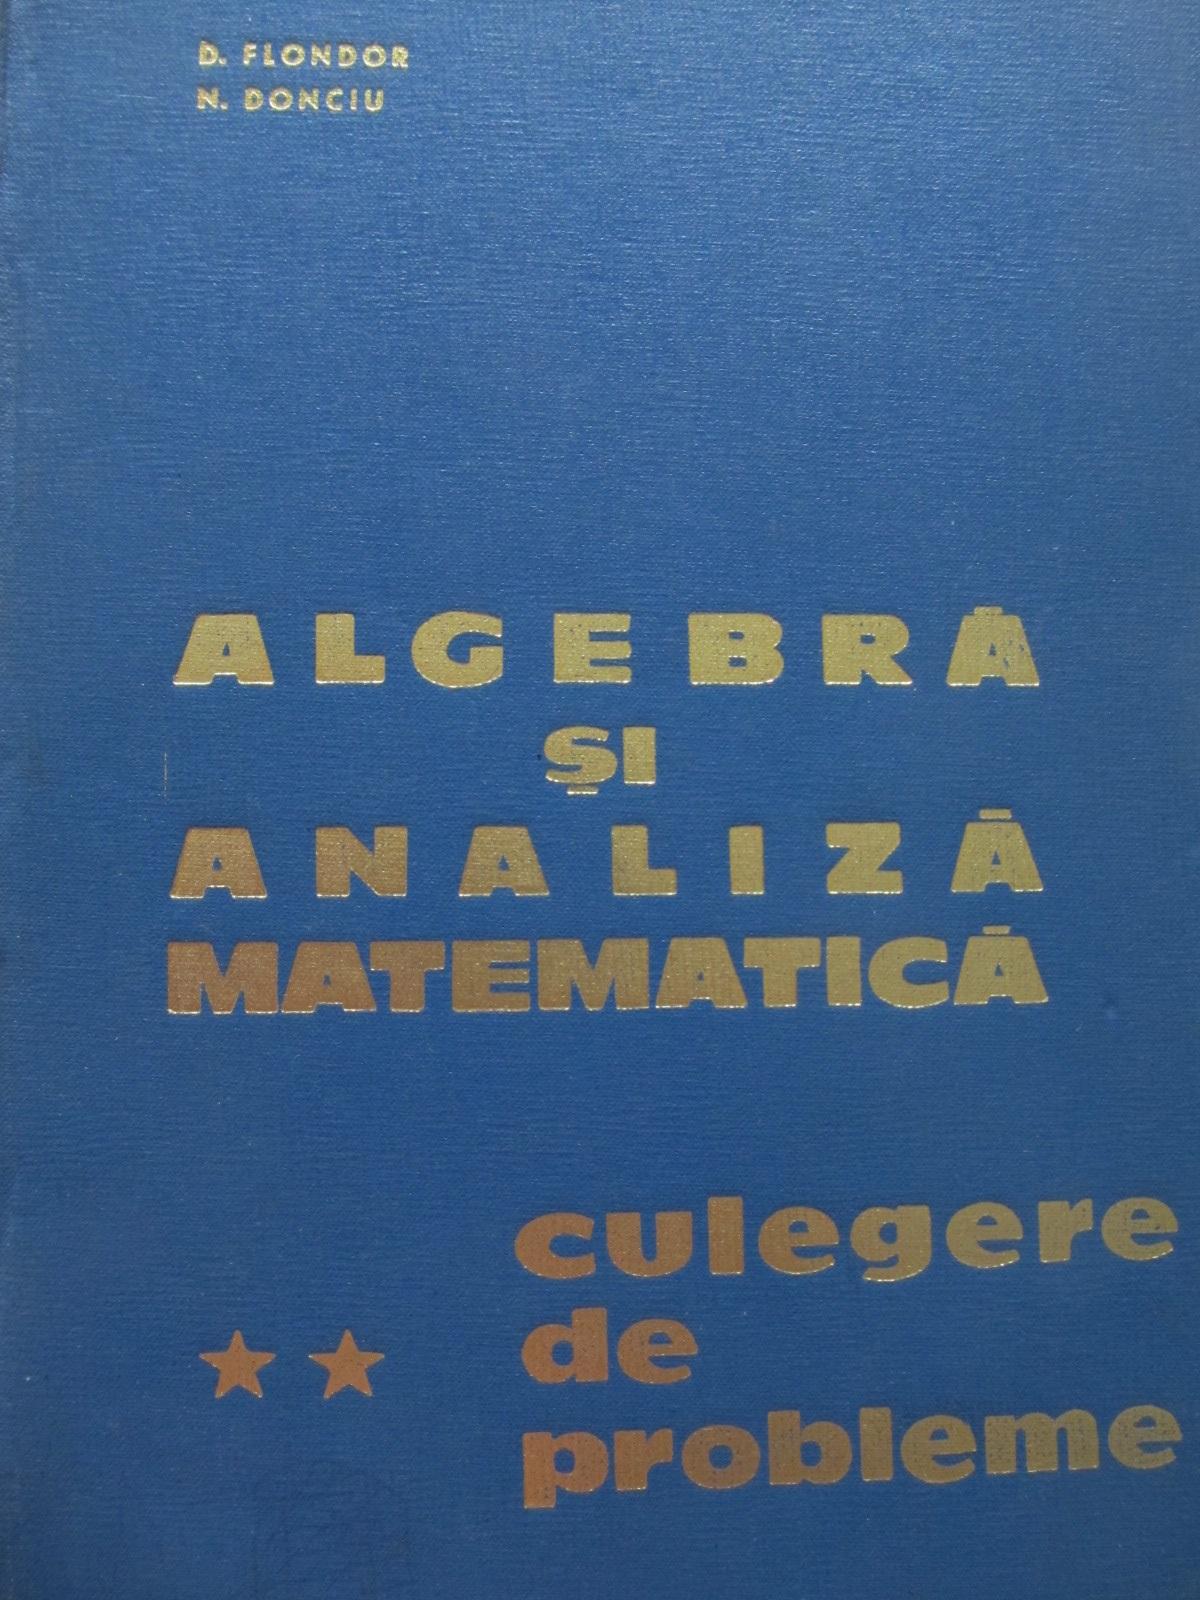 Algebra si analiza matematica - culegere de probleme (vol. 2) - D. Flondor , N. Donciu | Detalii carte